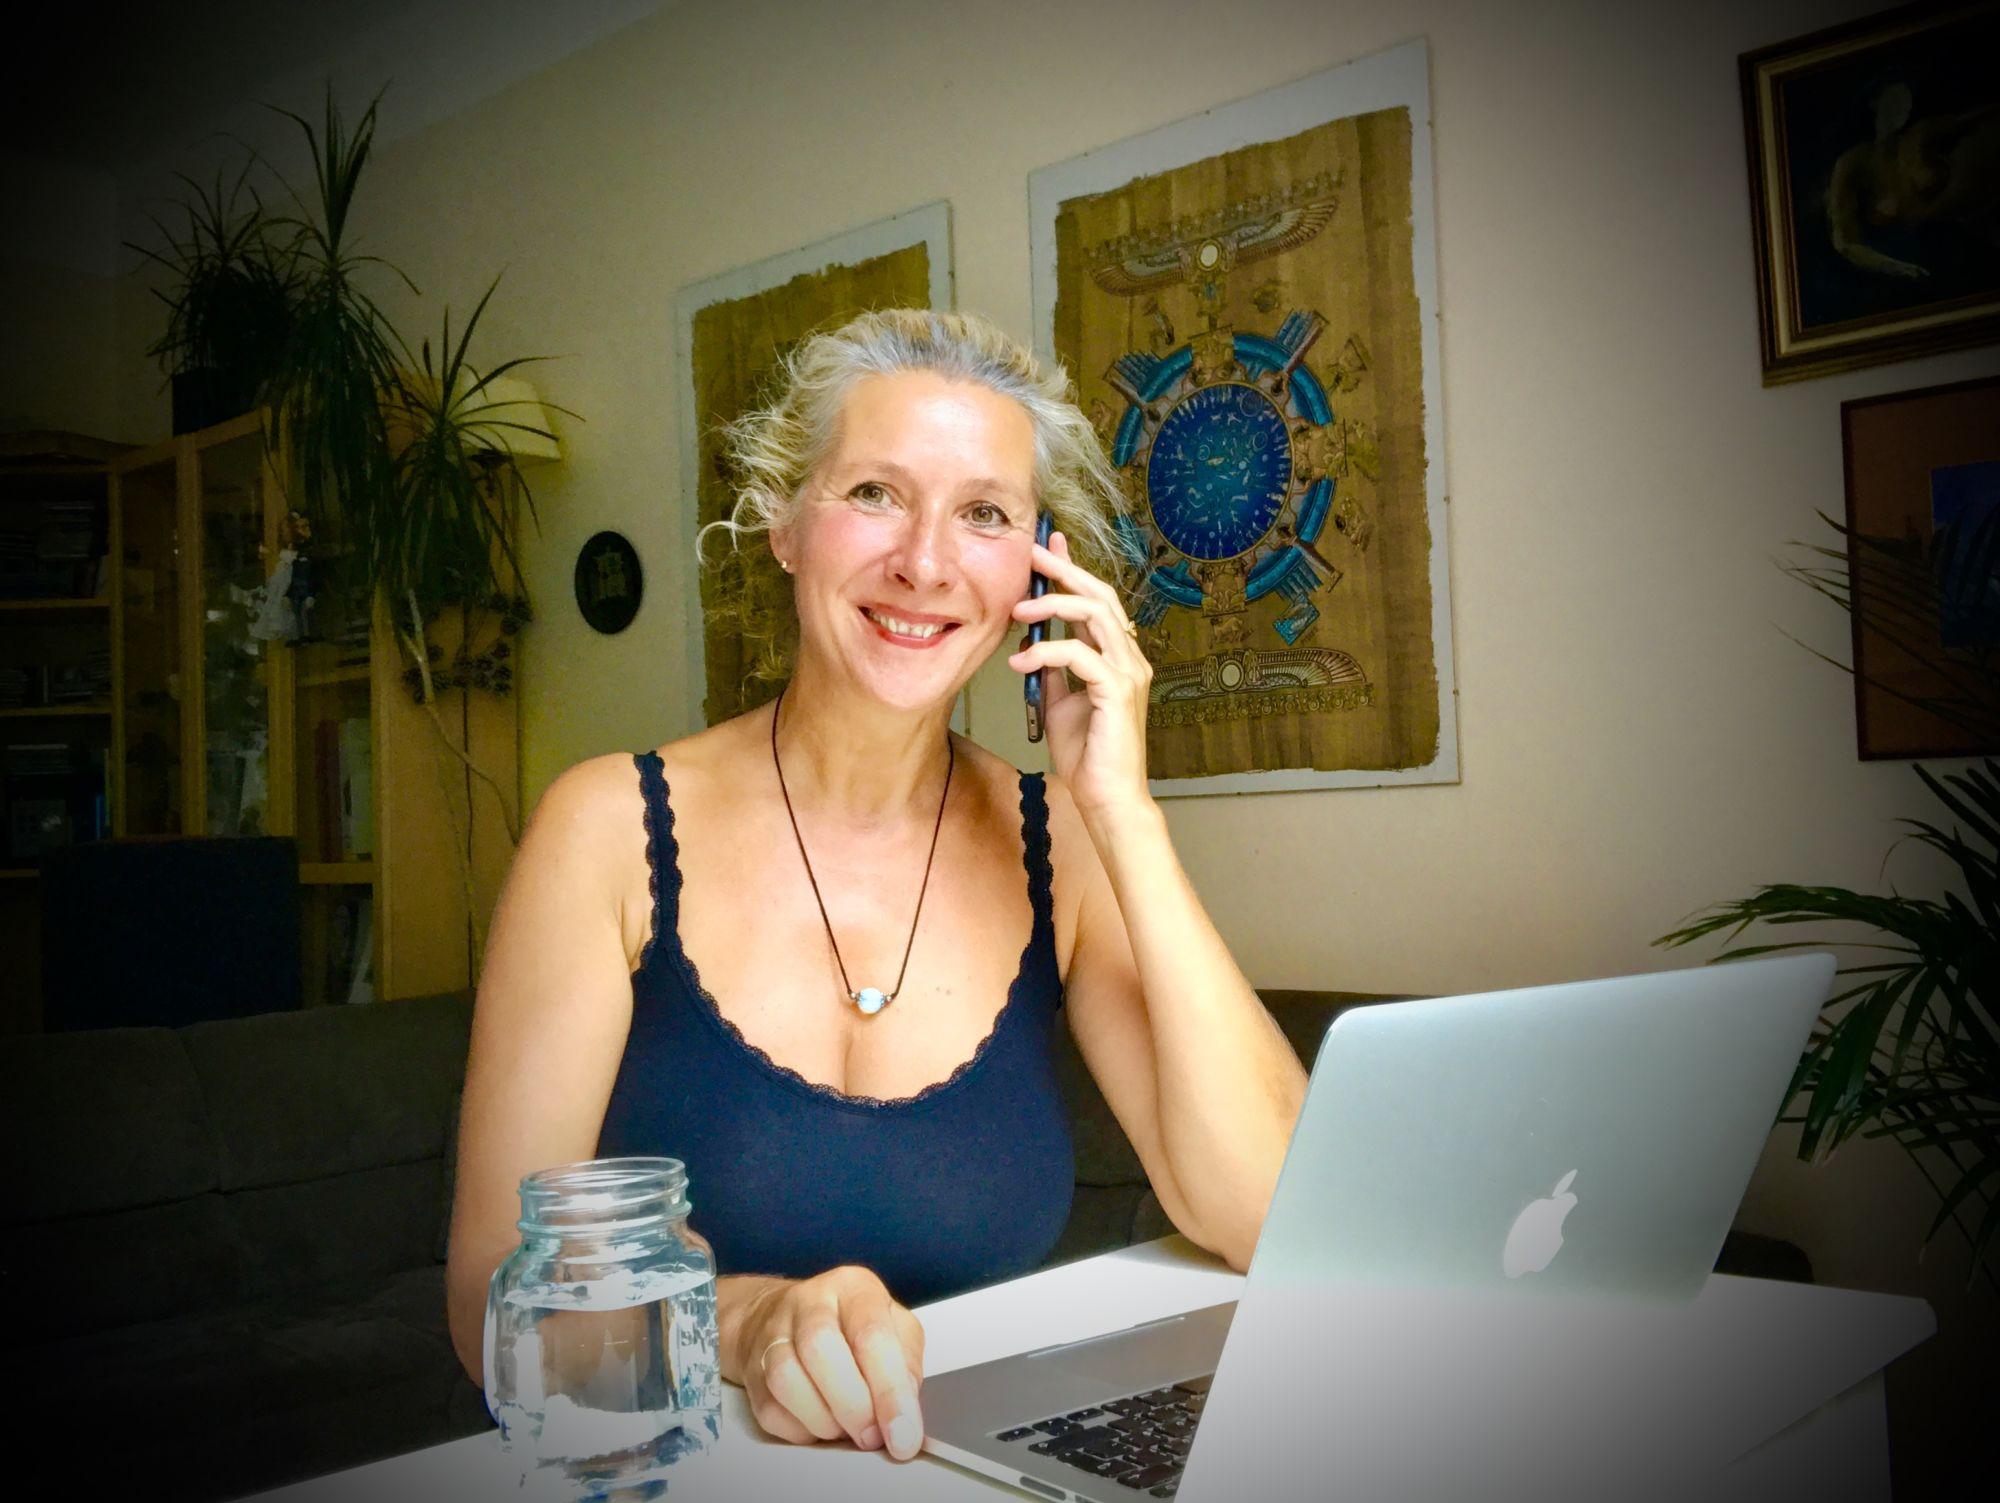 Hubnutí vmenopauze - konzultace on-line